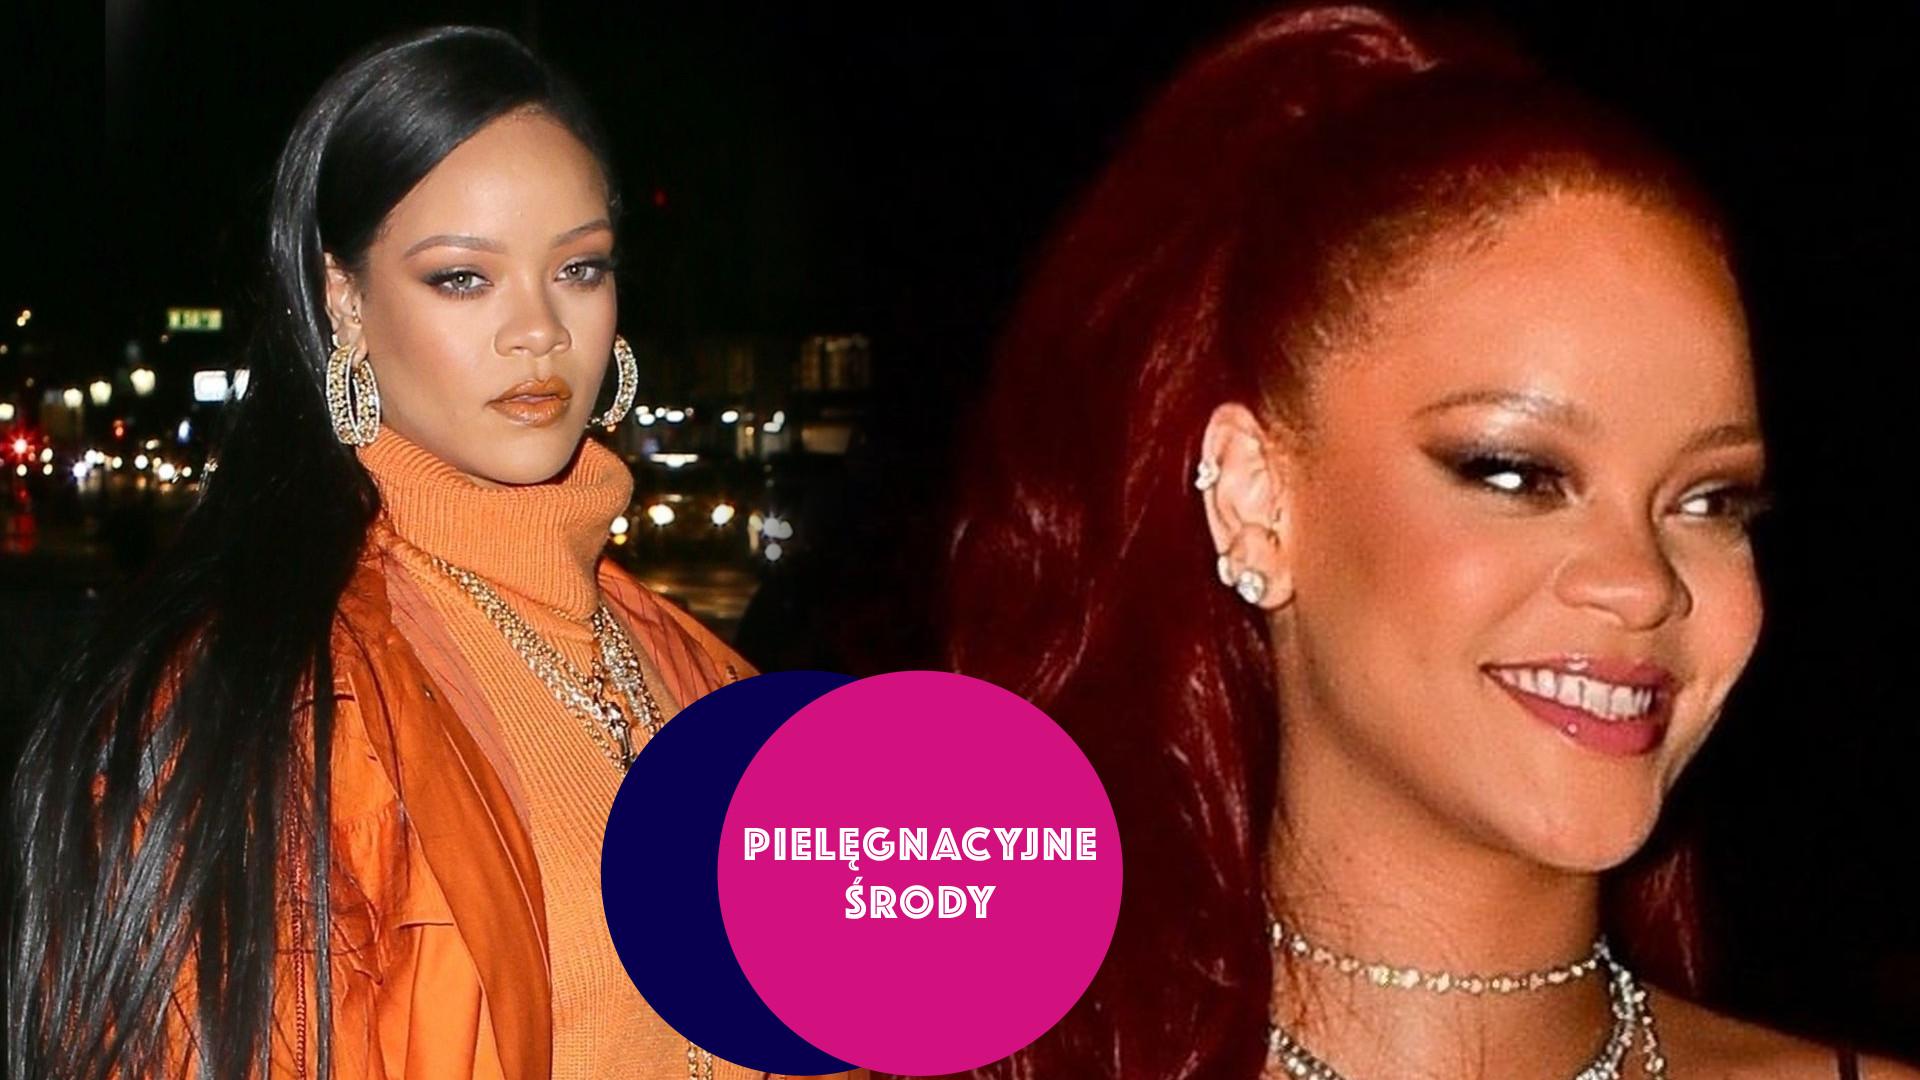 Tak Rihanna szykuje się do snu – diva pokazała minimalistyczną pielęgnację (PIELĘGNACYJNE ŚRODY)